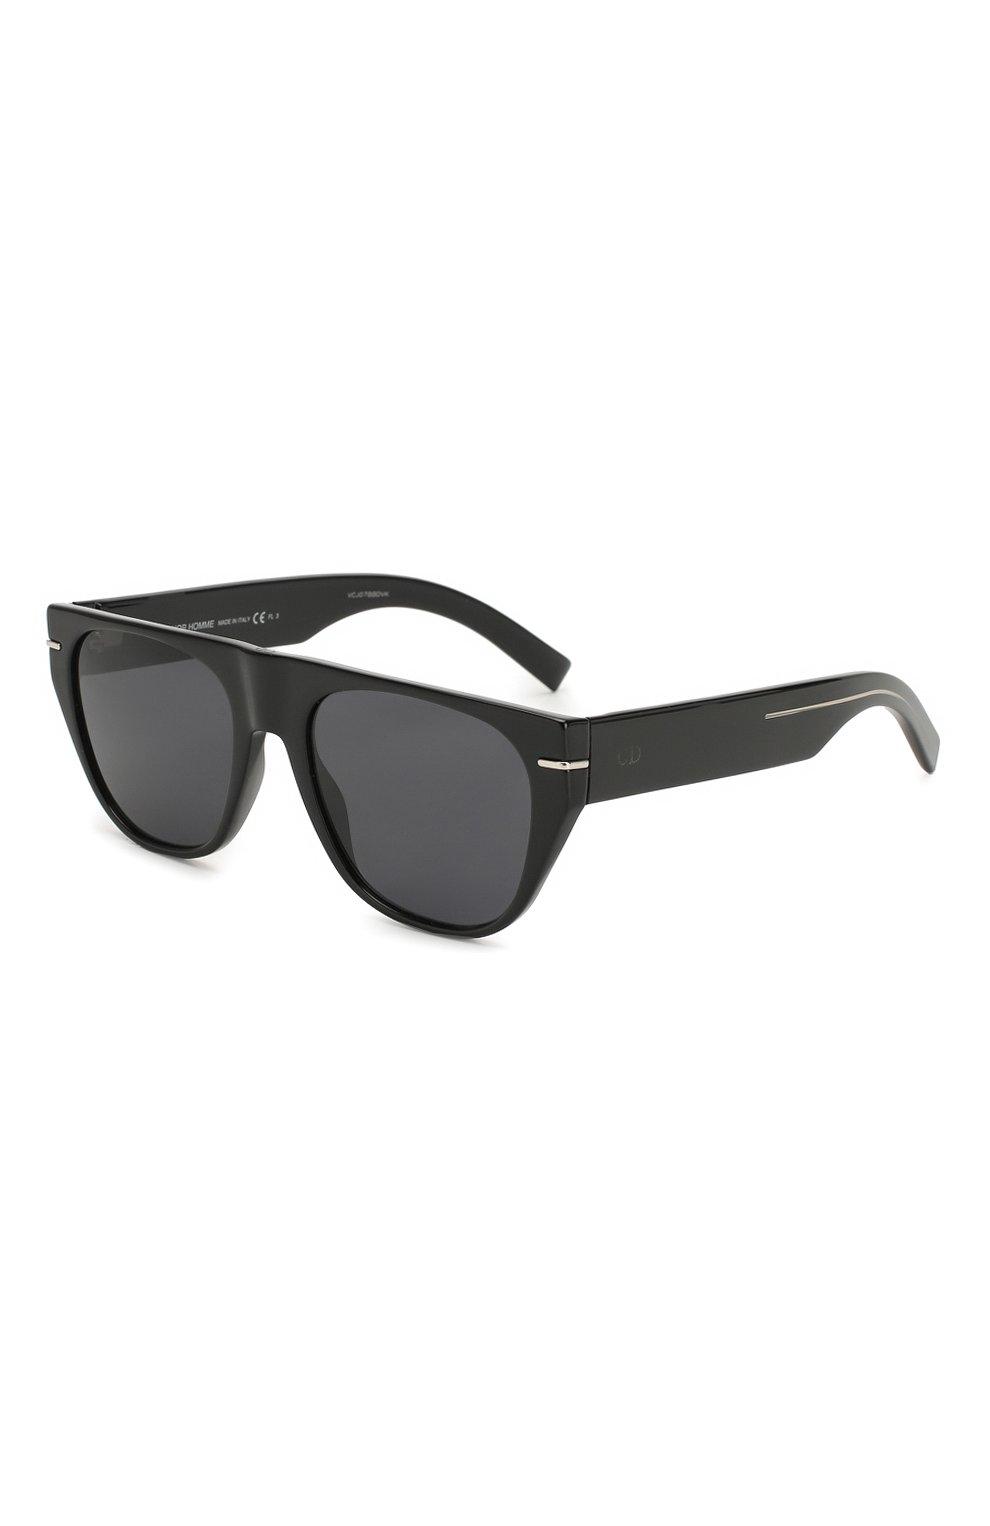 Мужские солнцезащитные очки DIOR черного цвета, арт. BLACKTIE257S 807 | Фото 1